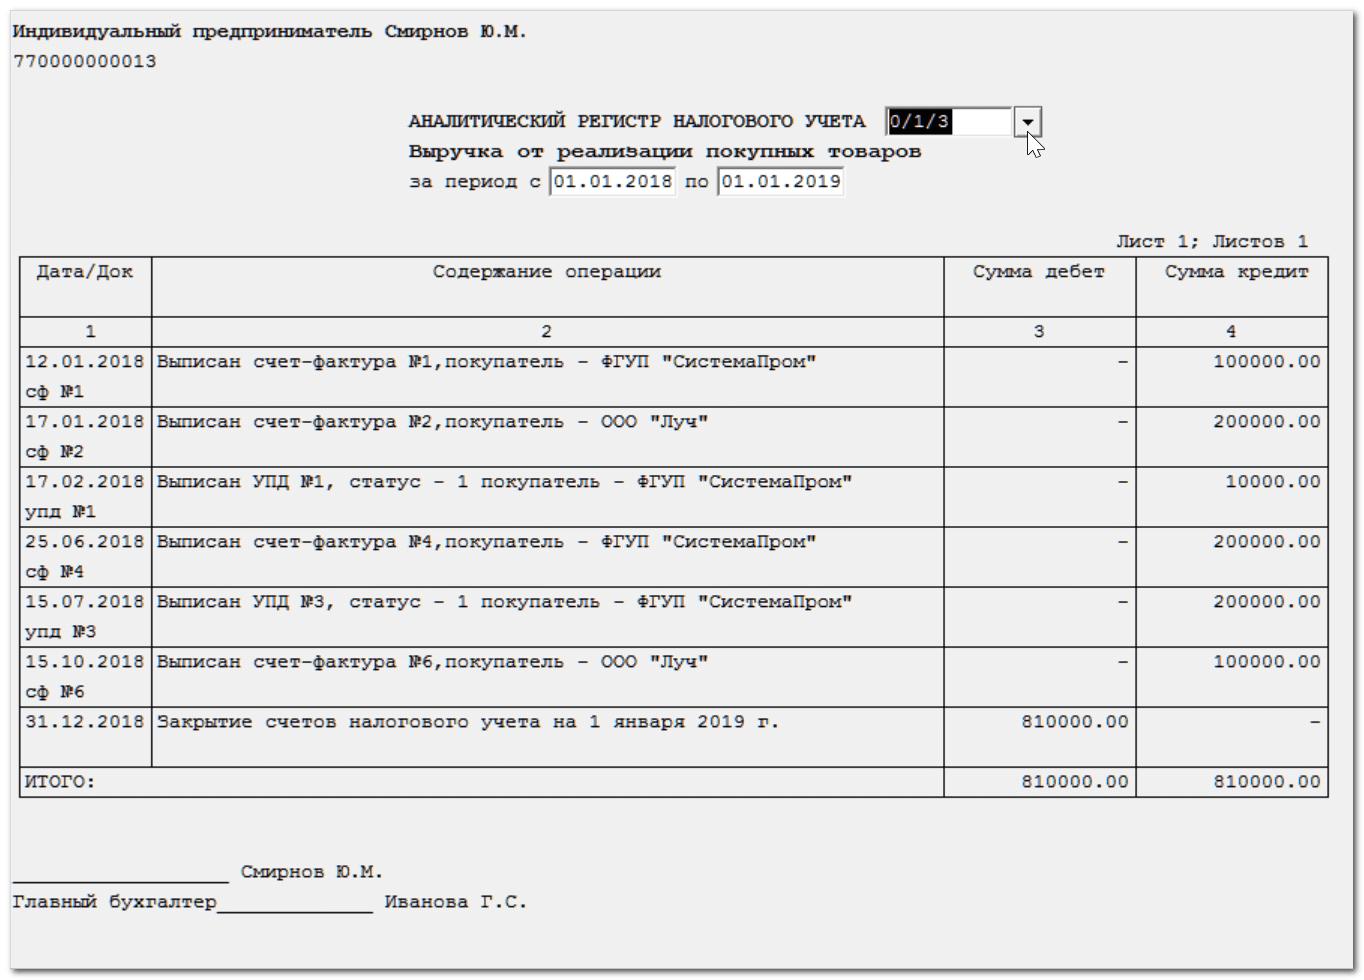 получить электронное осаго на бланке строгой отчетности